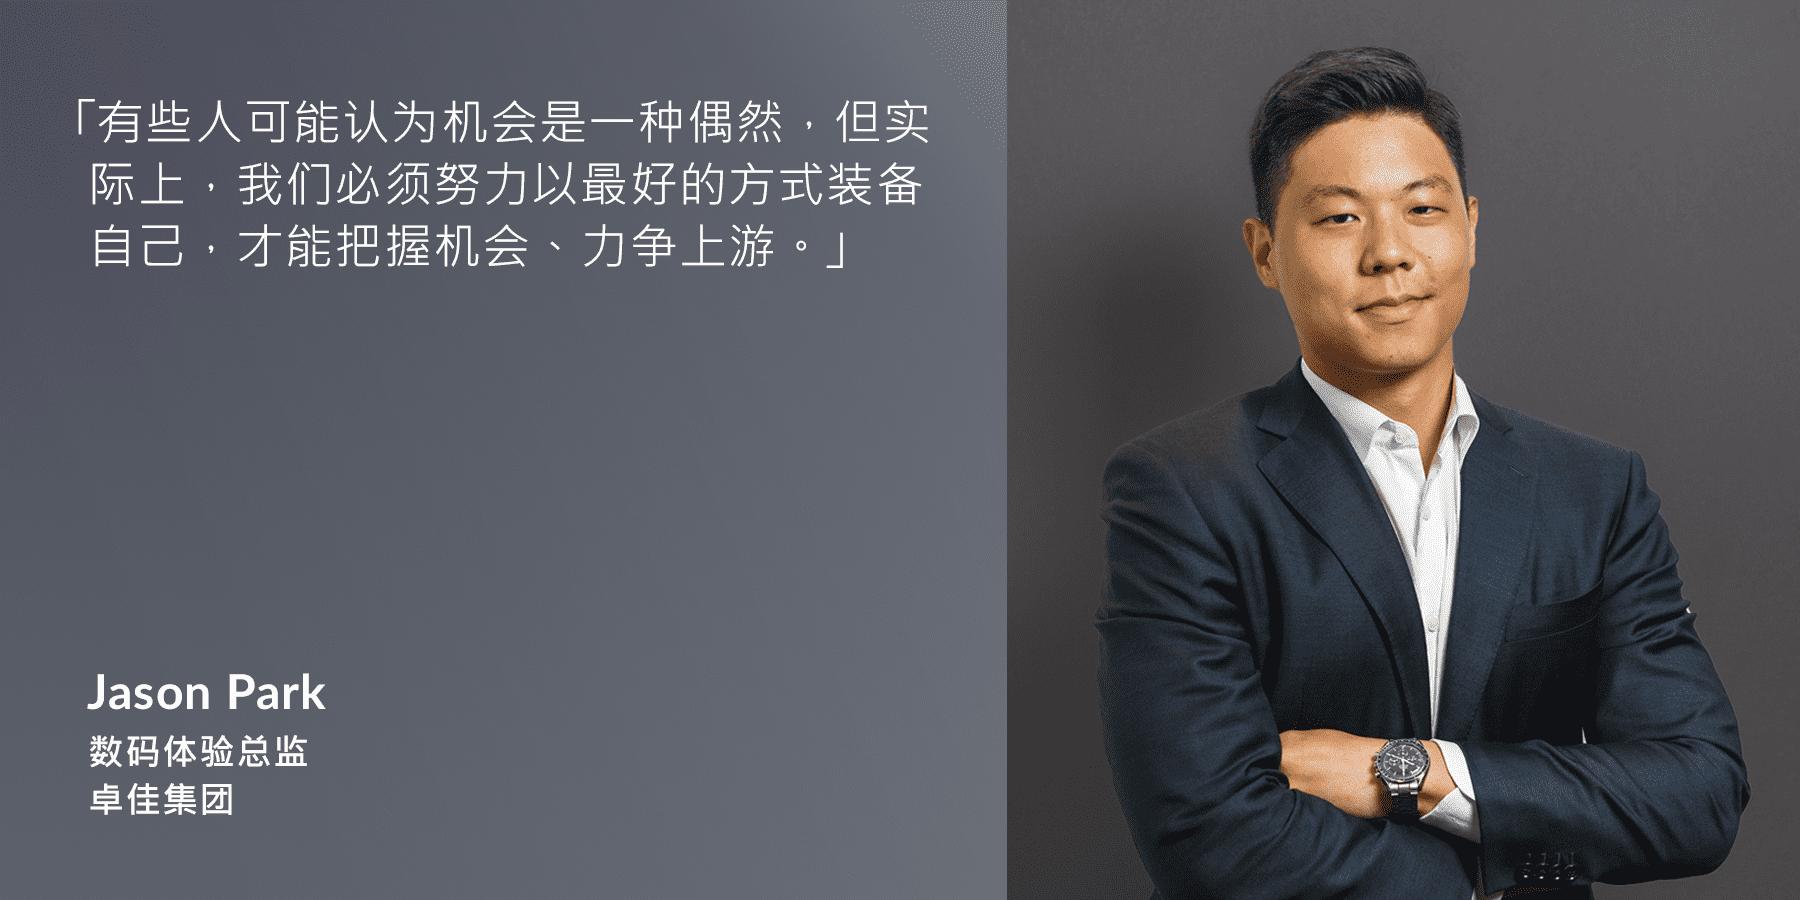 Jason Park - 数码体验总监 – 卓佳集团